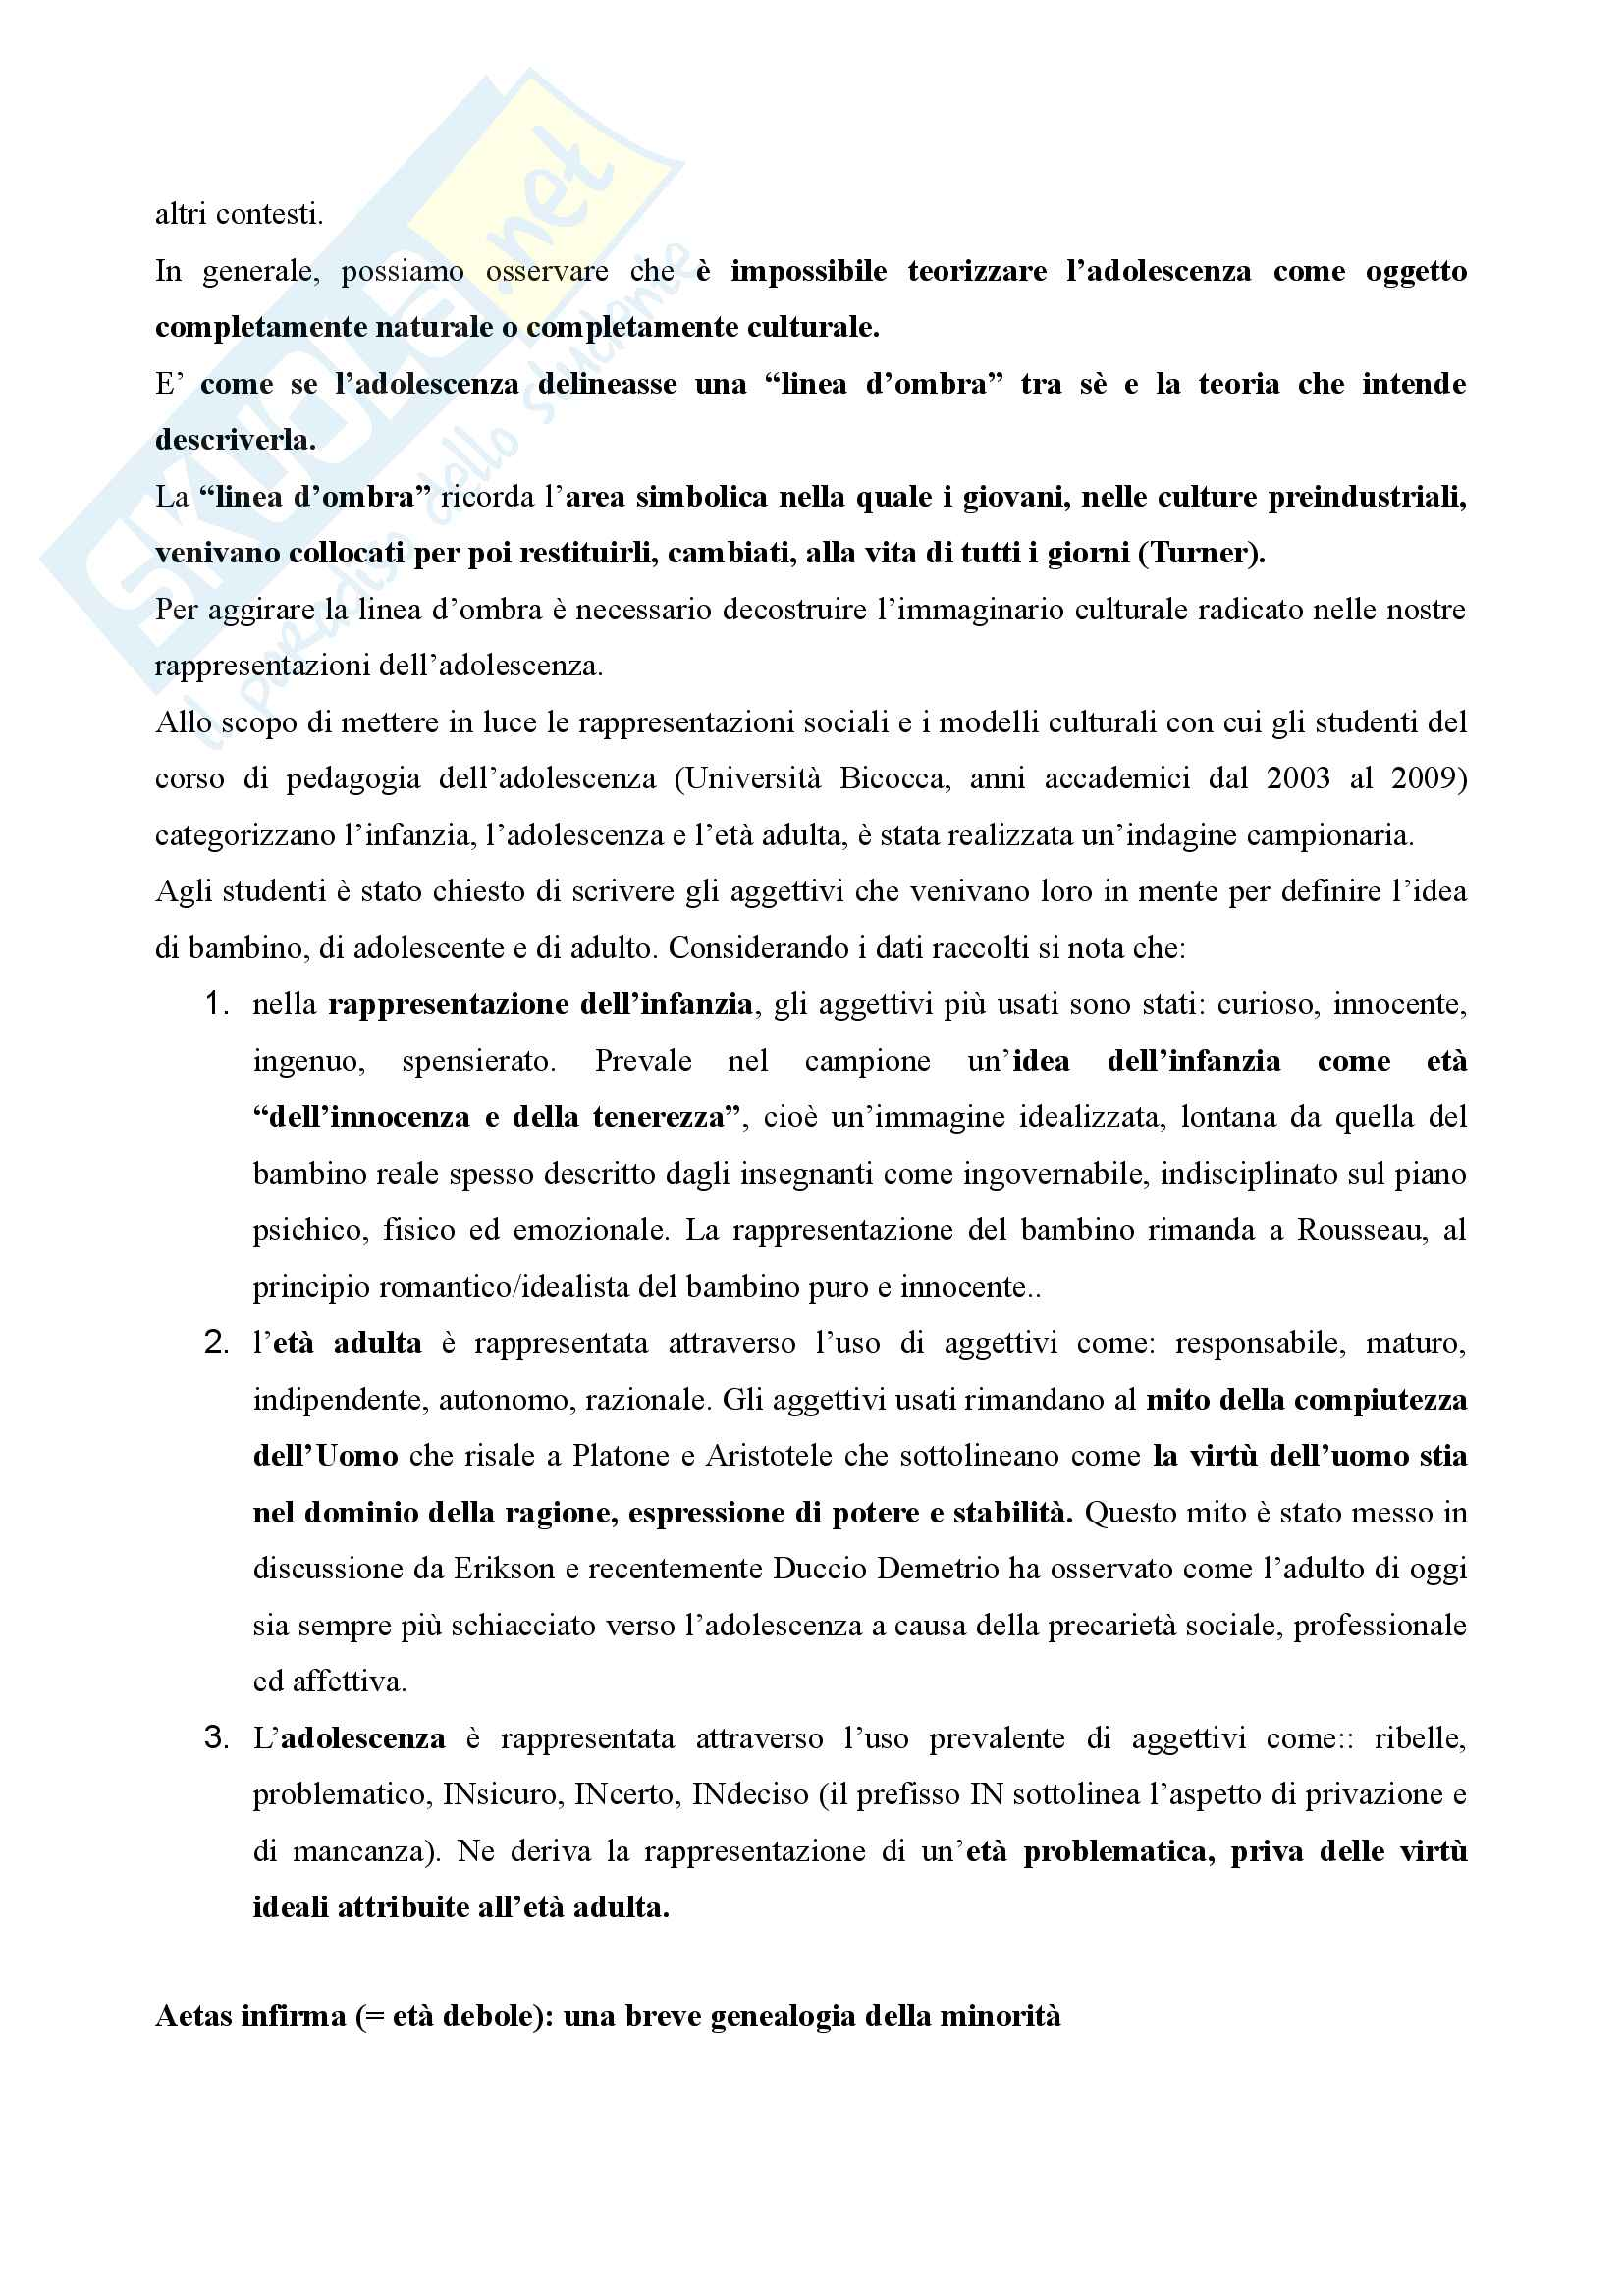 Riassunto esame Pedagogia dell'adolescenza, prof. Barone, libro consigliato Pedagogia dell'adolescenza, Pierangelo Barone Pag. 2